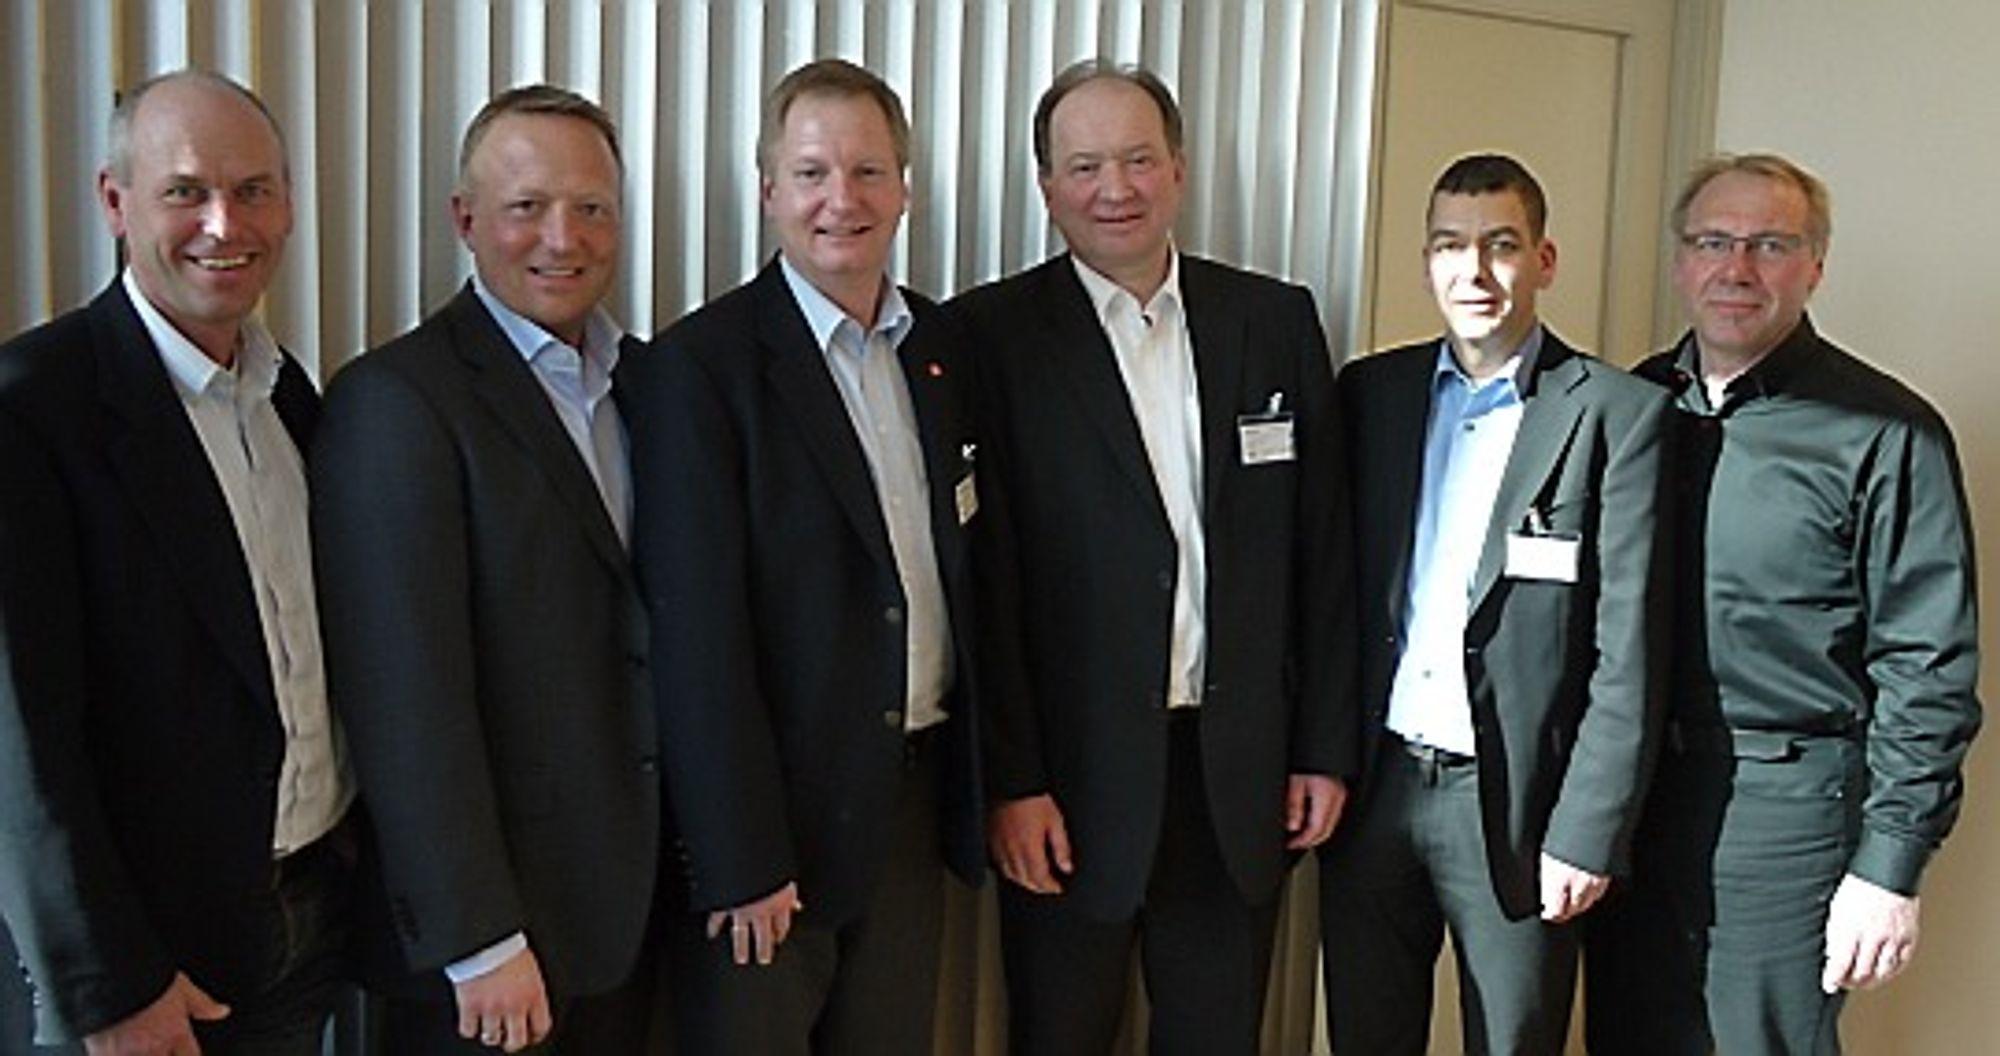 Disse signerte en av norges største anleggskontrakter. Fra venstre:   Nils Hæstad, Veidekke Entreprenør AS  Harald Nikolaisen, utbyggingsdirektør i Jernbaneverket Utbygging Dag Andresen, administrerende direktør i Veidekke Entreprenør AS Thomas Krause, direktør i Hochtief Solutions AG Frank Wagner, Hochtief Solutions AG Taale Stensbye, prosjektleder for Fellesprosjektet E6 - Dovrebanen.